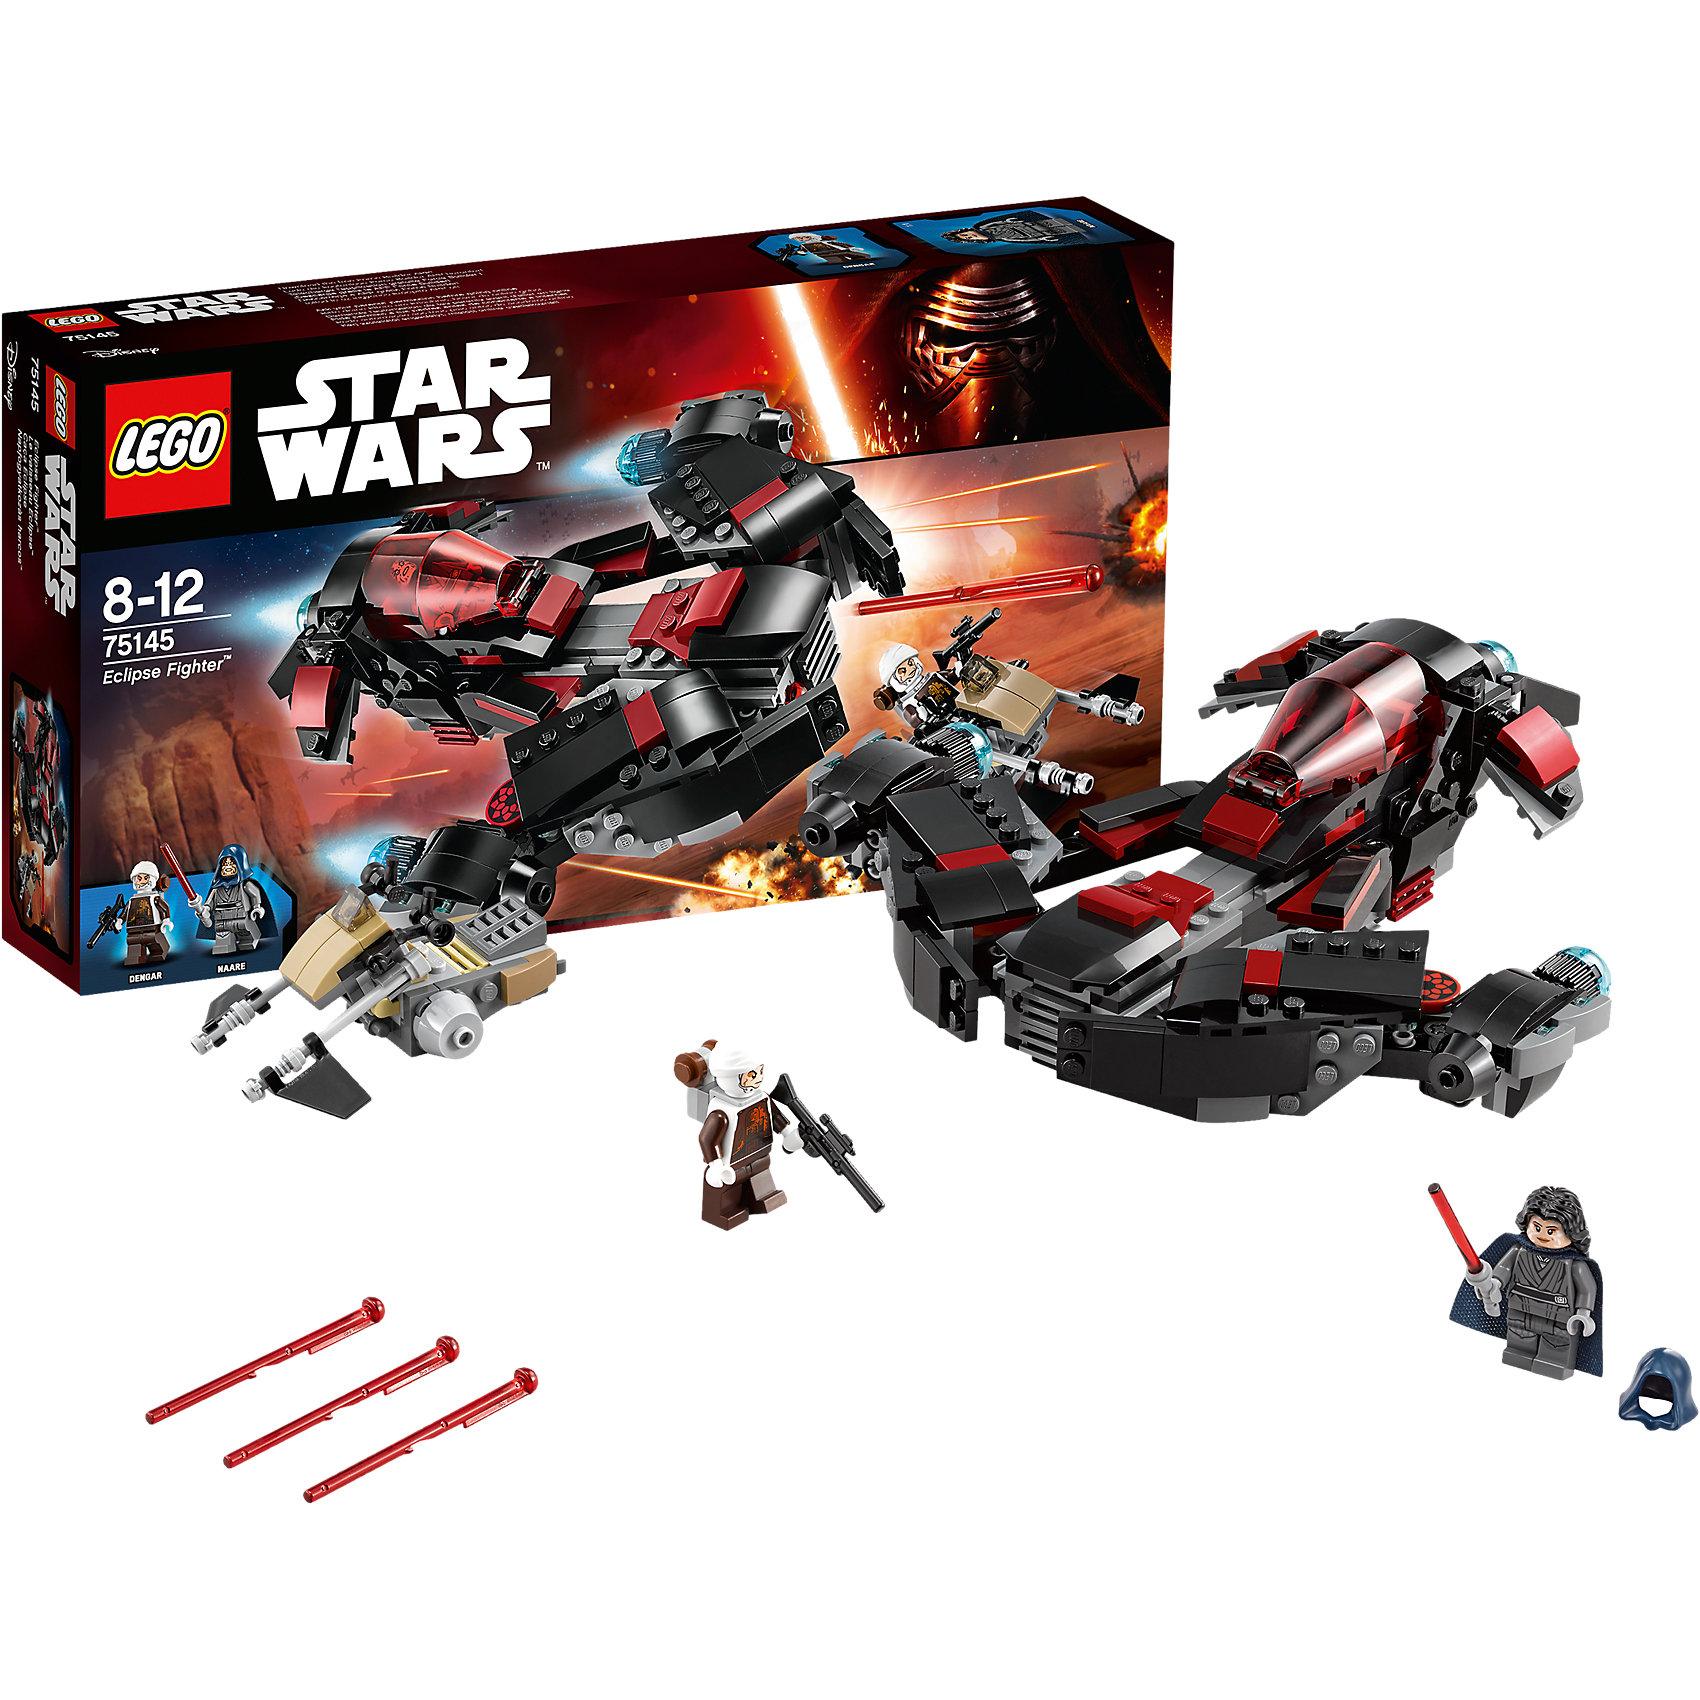 LEGO Star Wars 75145: Истребитель ЗатменияПластмассовые конструкторы<br>Фильм Звездные войны и его героев любят множество современных мальчишек, поэтому набор Лего Star Wars, из которого можно собрать интересный сюжет по этому фильму, обязательно порадует ребенка. Такие игрушки помогают детям развивать воображение, мелкую моторику, логику и творческое мышление.<br>Набор состоит из множества деталей конструктора - с их помощью можно собрать декорации для игр, транспорт, а также в нем есть фигурки любимых персонажей! С таким комплектом можно придумать множество игр!<br><br>Дополнительная информация:<br><br>цвет: разноцветный;<br>размер коробки: 35 х 6 х 19 см;<br>вес: 476 г;<br>материал: пластик;<br>количество деталей: 363.<br><br>Набор Истребитель Затмения от бренда LEGO Star Wars можно купить в нашем магазине.<br><br>Ширина мм: 356<br>Глубина мм: 195<br>Высота мм: 63<br>Вес г: 474<br>Возраст от месяцев: 96<br>Возраст до месяцев: 144<br>Пол: Мужской<br>Возраст: Детский<br>SKU: 4641247